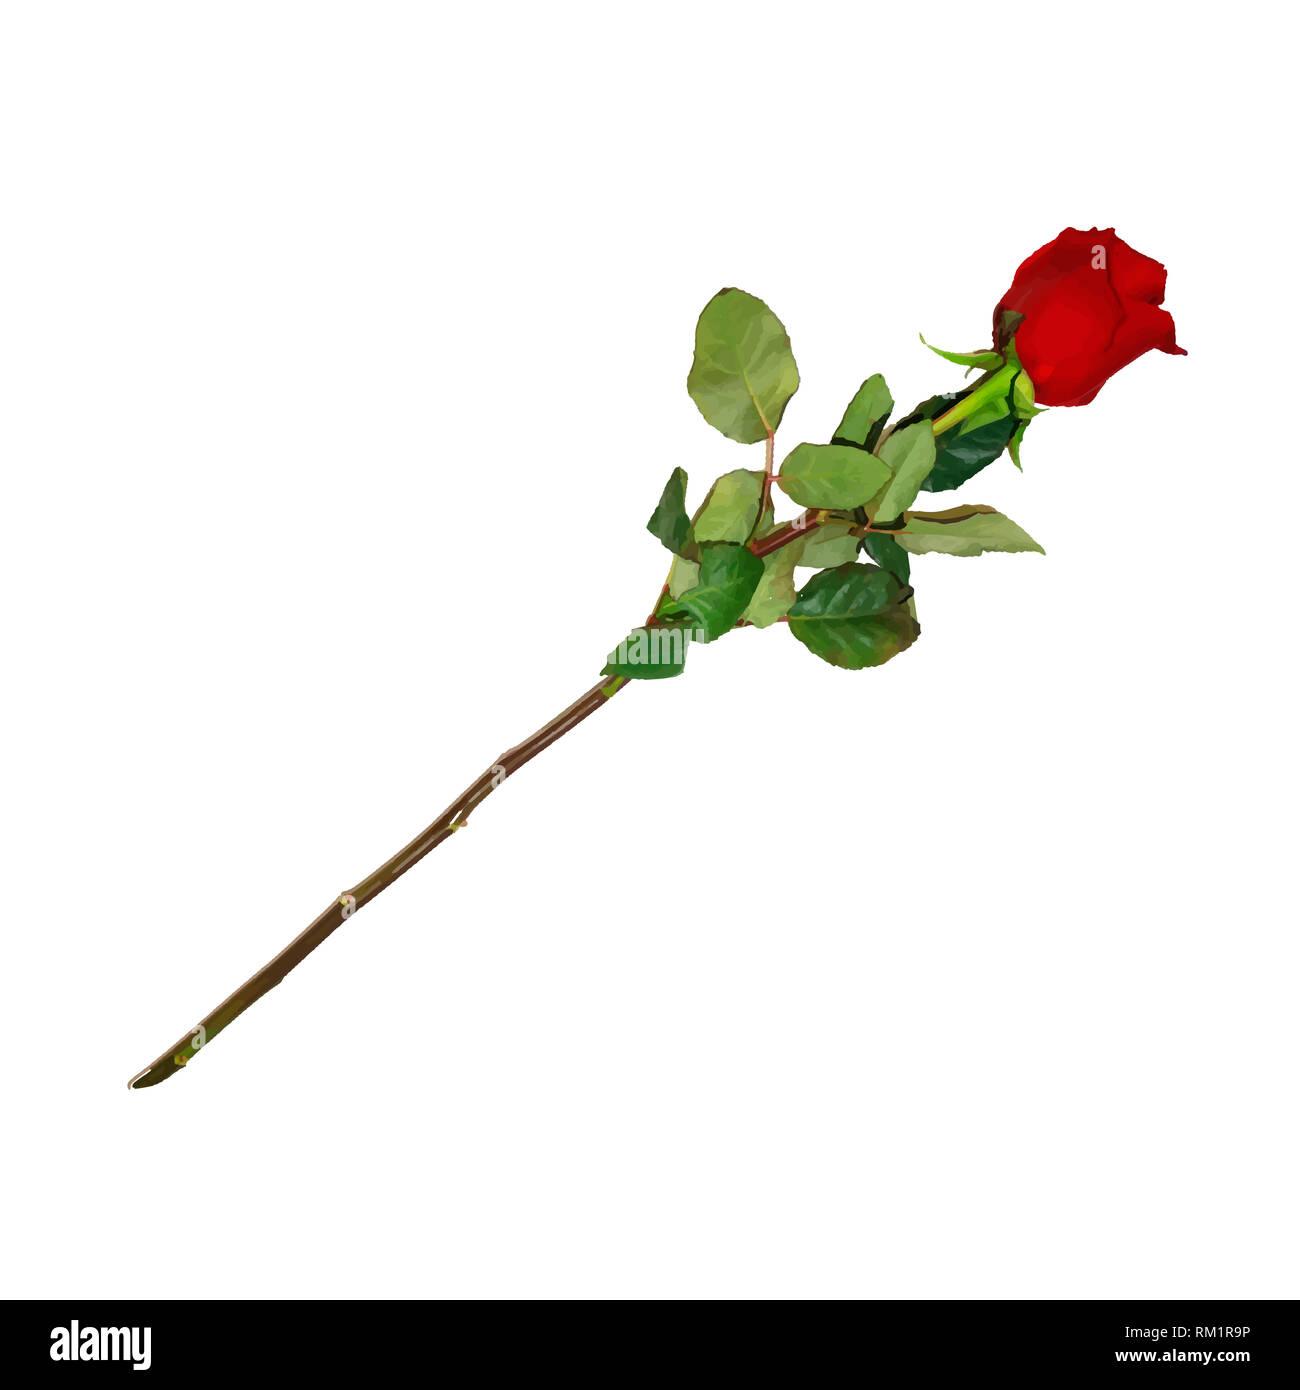 Foto realistas y muy detallado de la flor rosa roja de tallo largo aislado sobre fondo blanco. Hermoso Brote de Ruby Rose con hojas. Imágenes prediseñadas Para Va Imagen De Stock